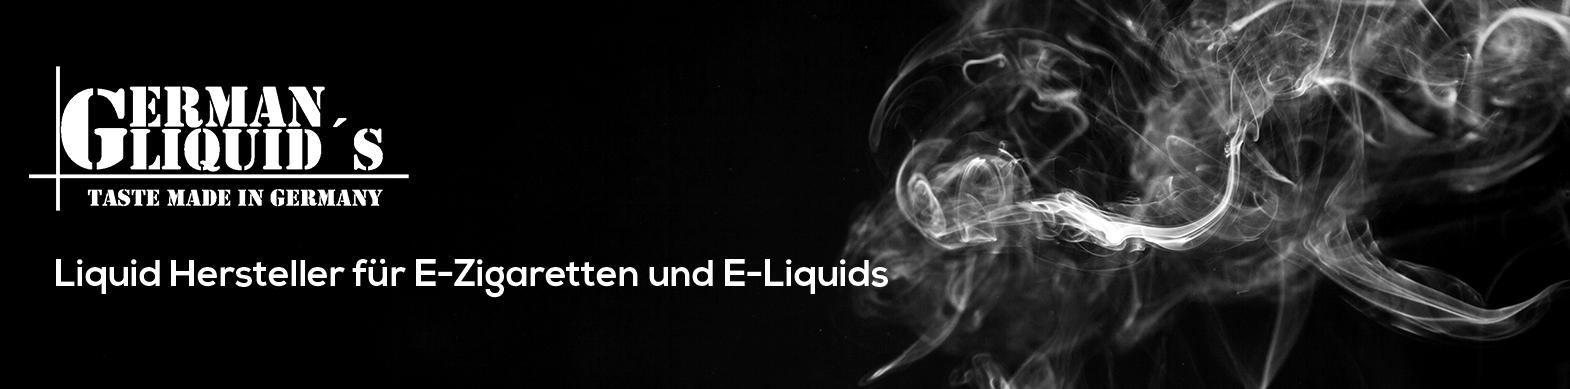 Germanliquids-Slider-Webseite-new